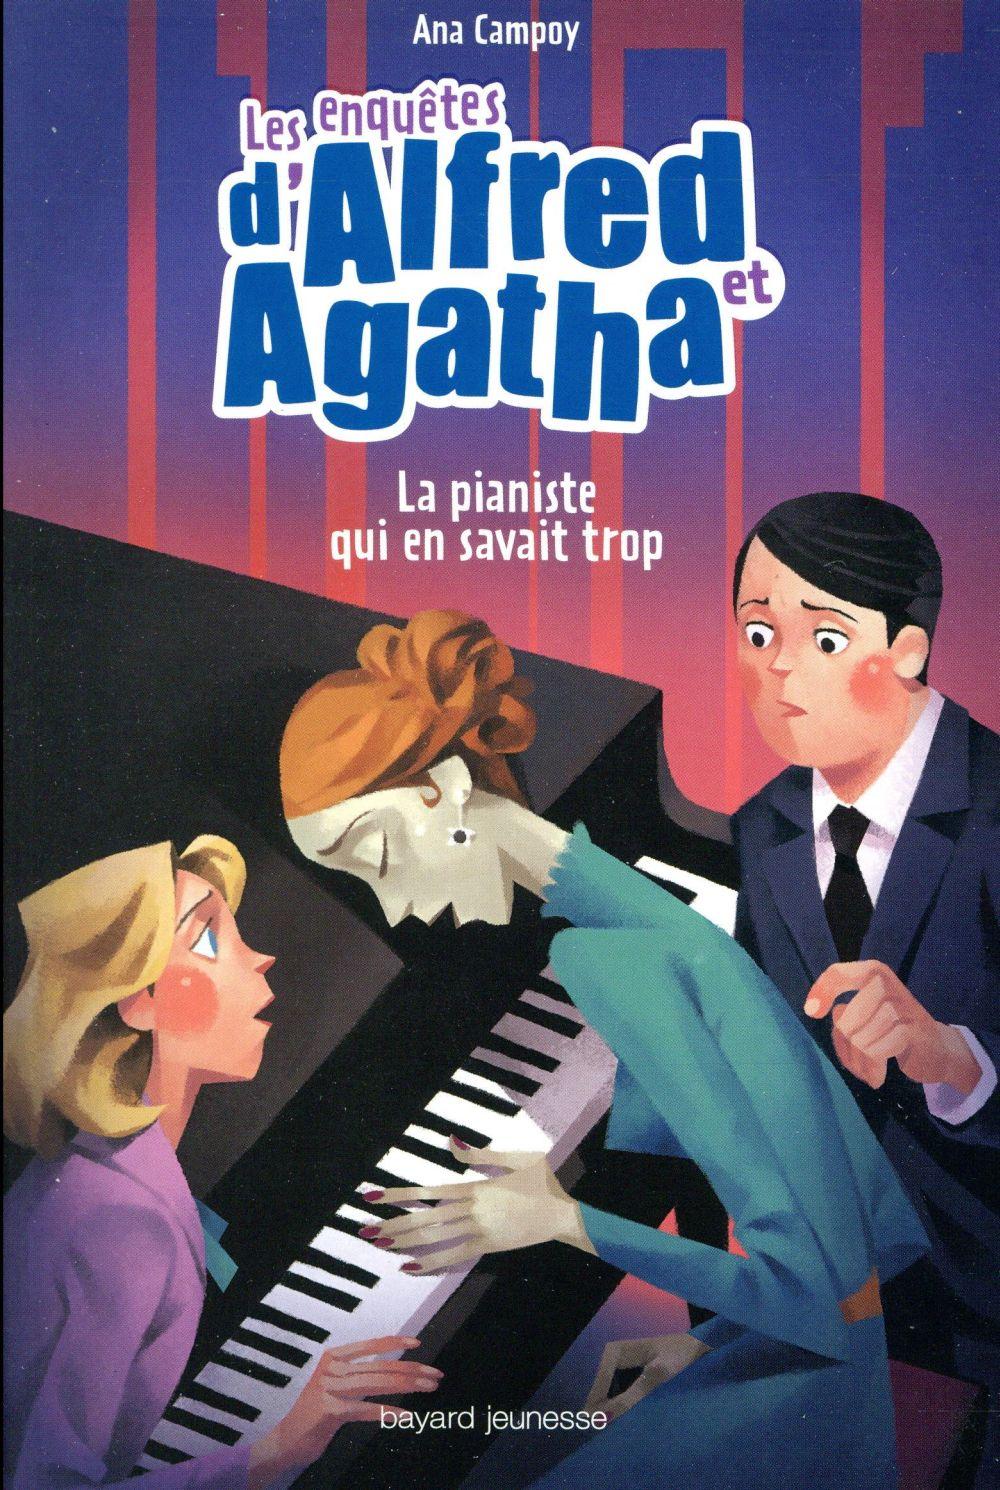 LES ENQUETES D'ALFRED ET AGATHA, TOME 04 - LA PIANISTE QUI EN SAVAIT TROP Campoy Ana